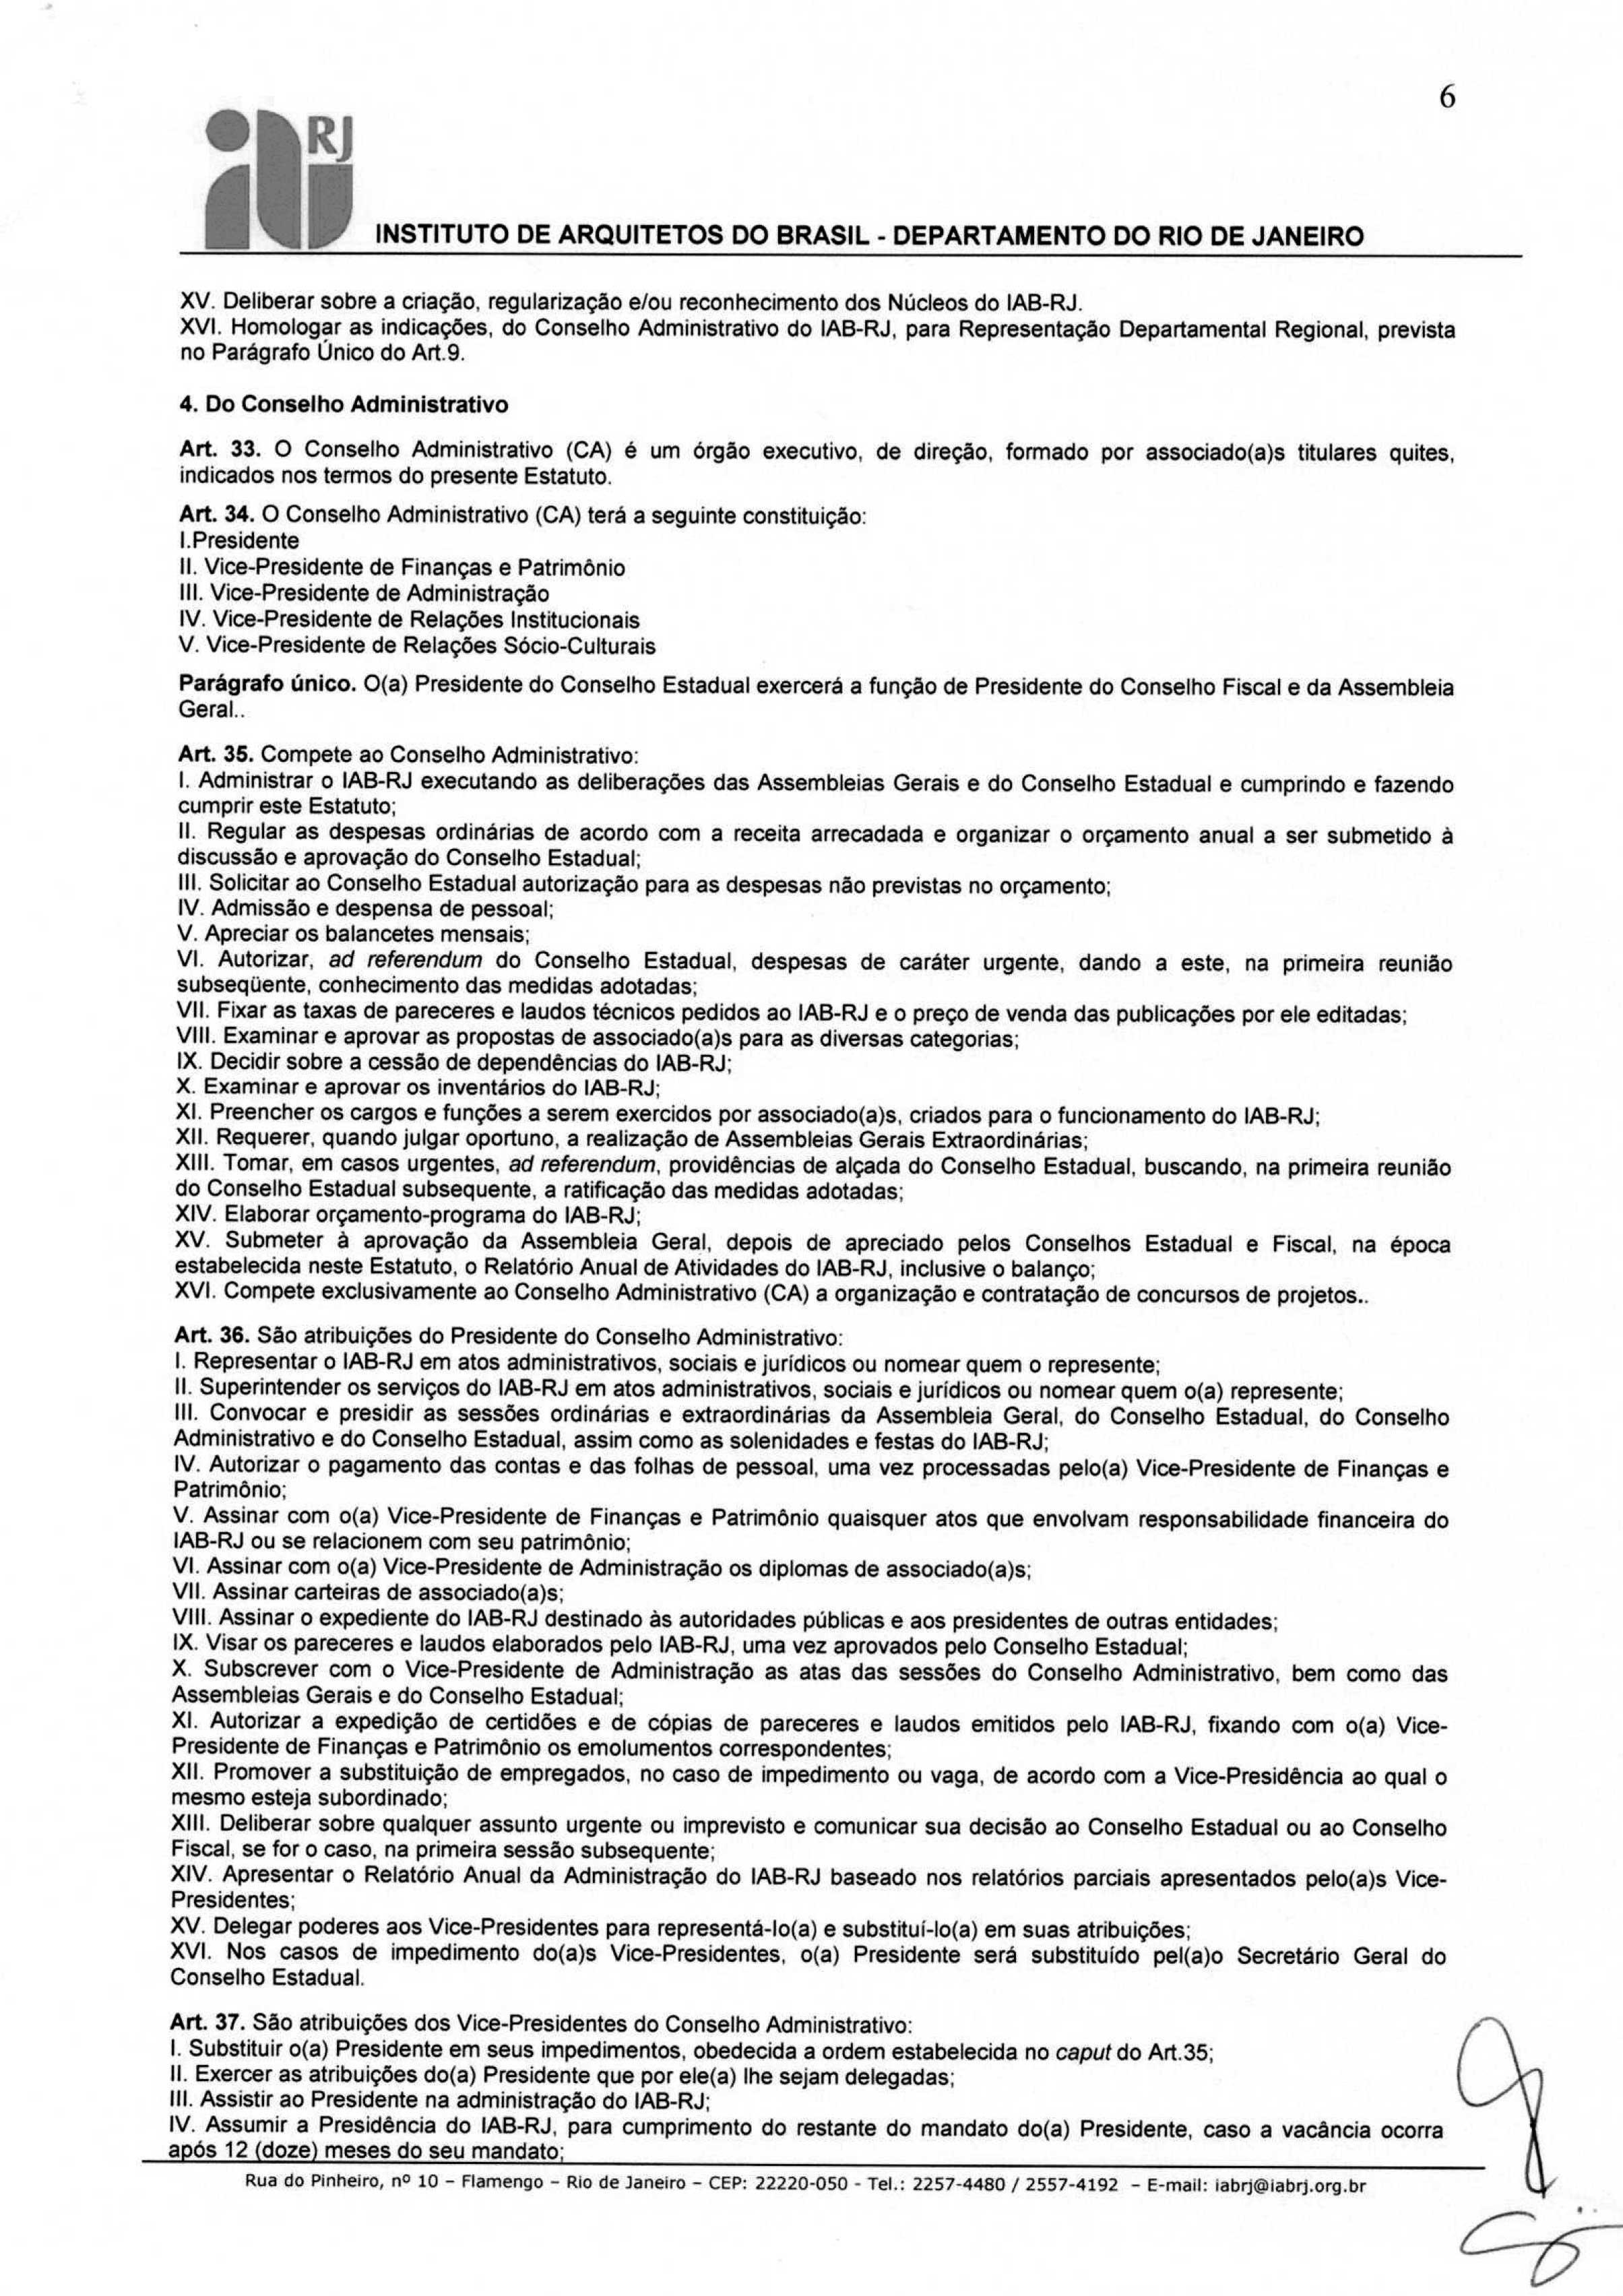 Estatuto_IABRJ_Registrado2016-6-10